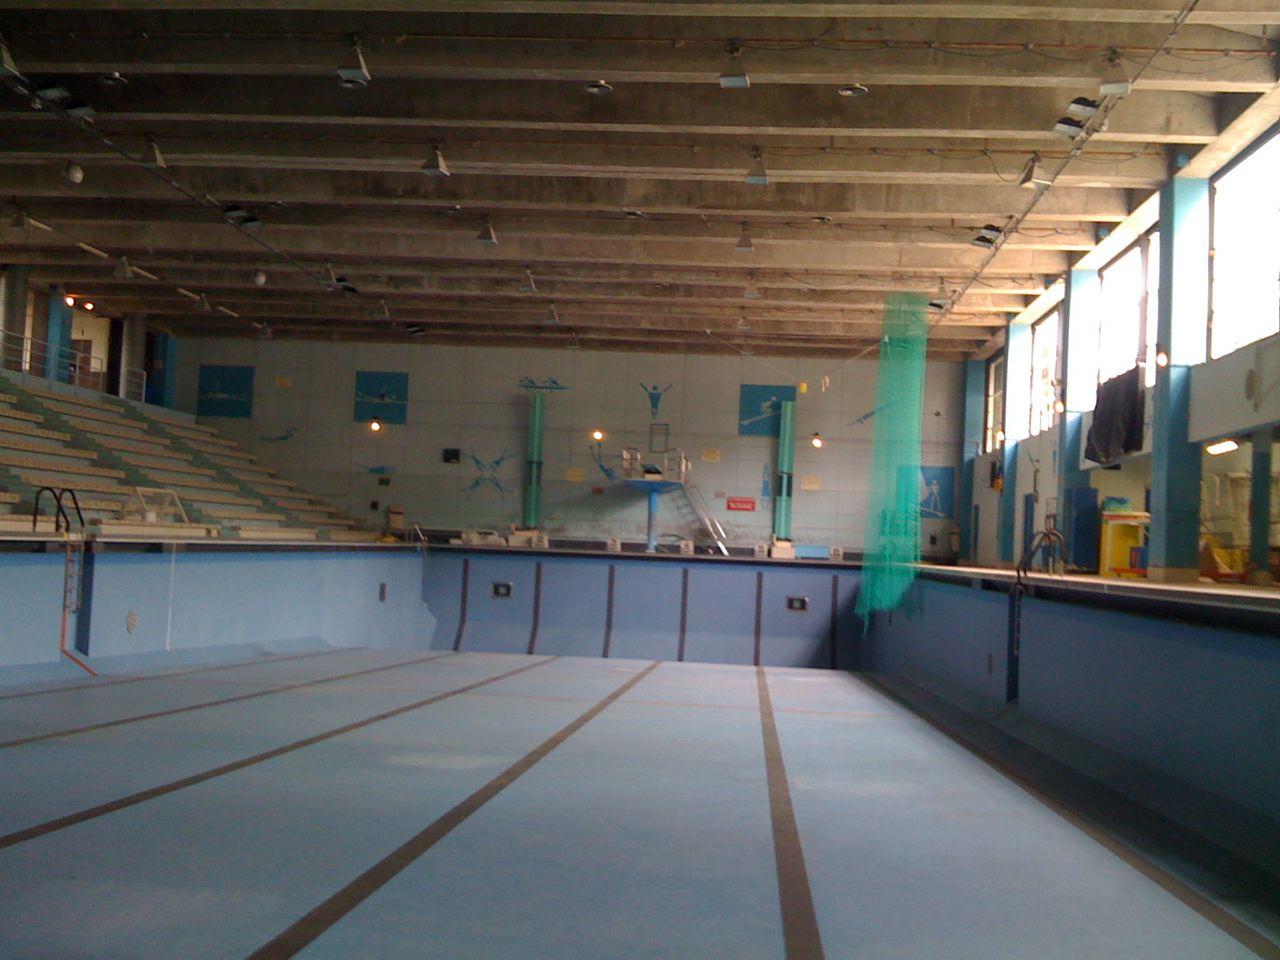 Piscine brossolette vide jf le helloco for Brossolette piscine